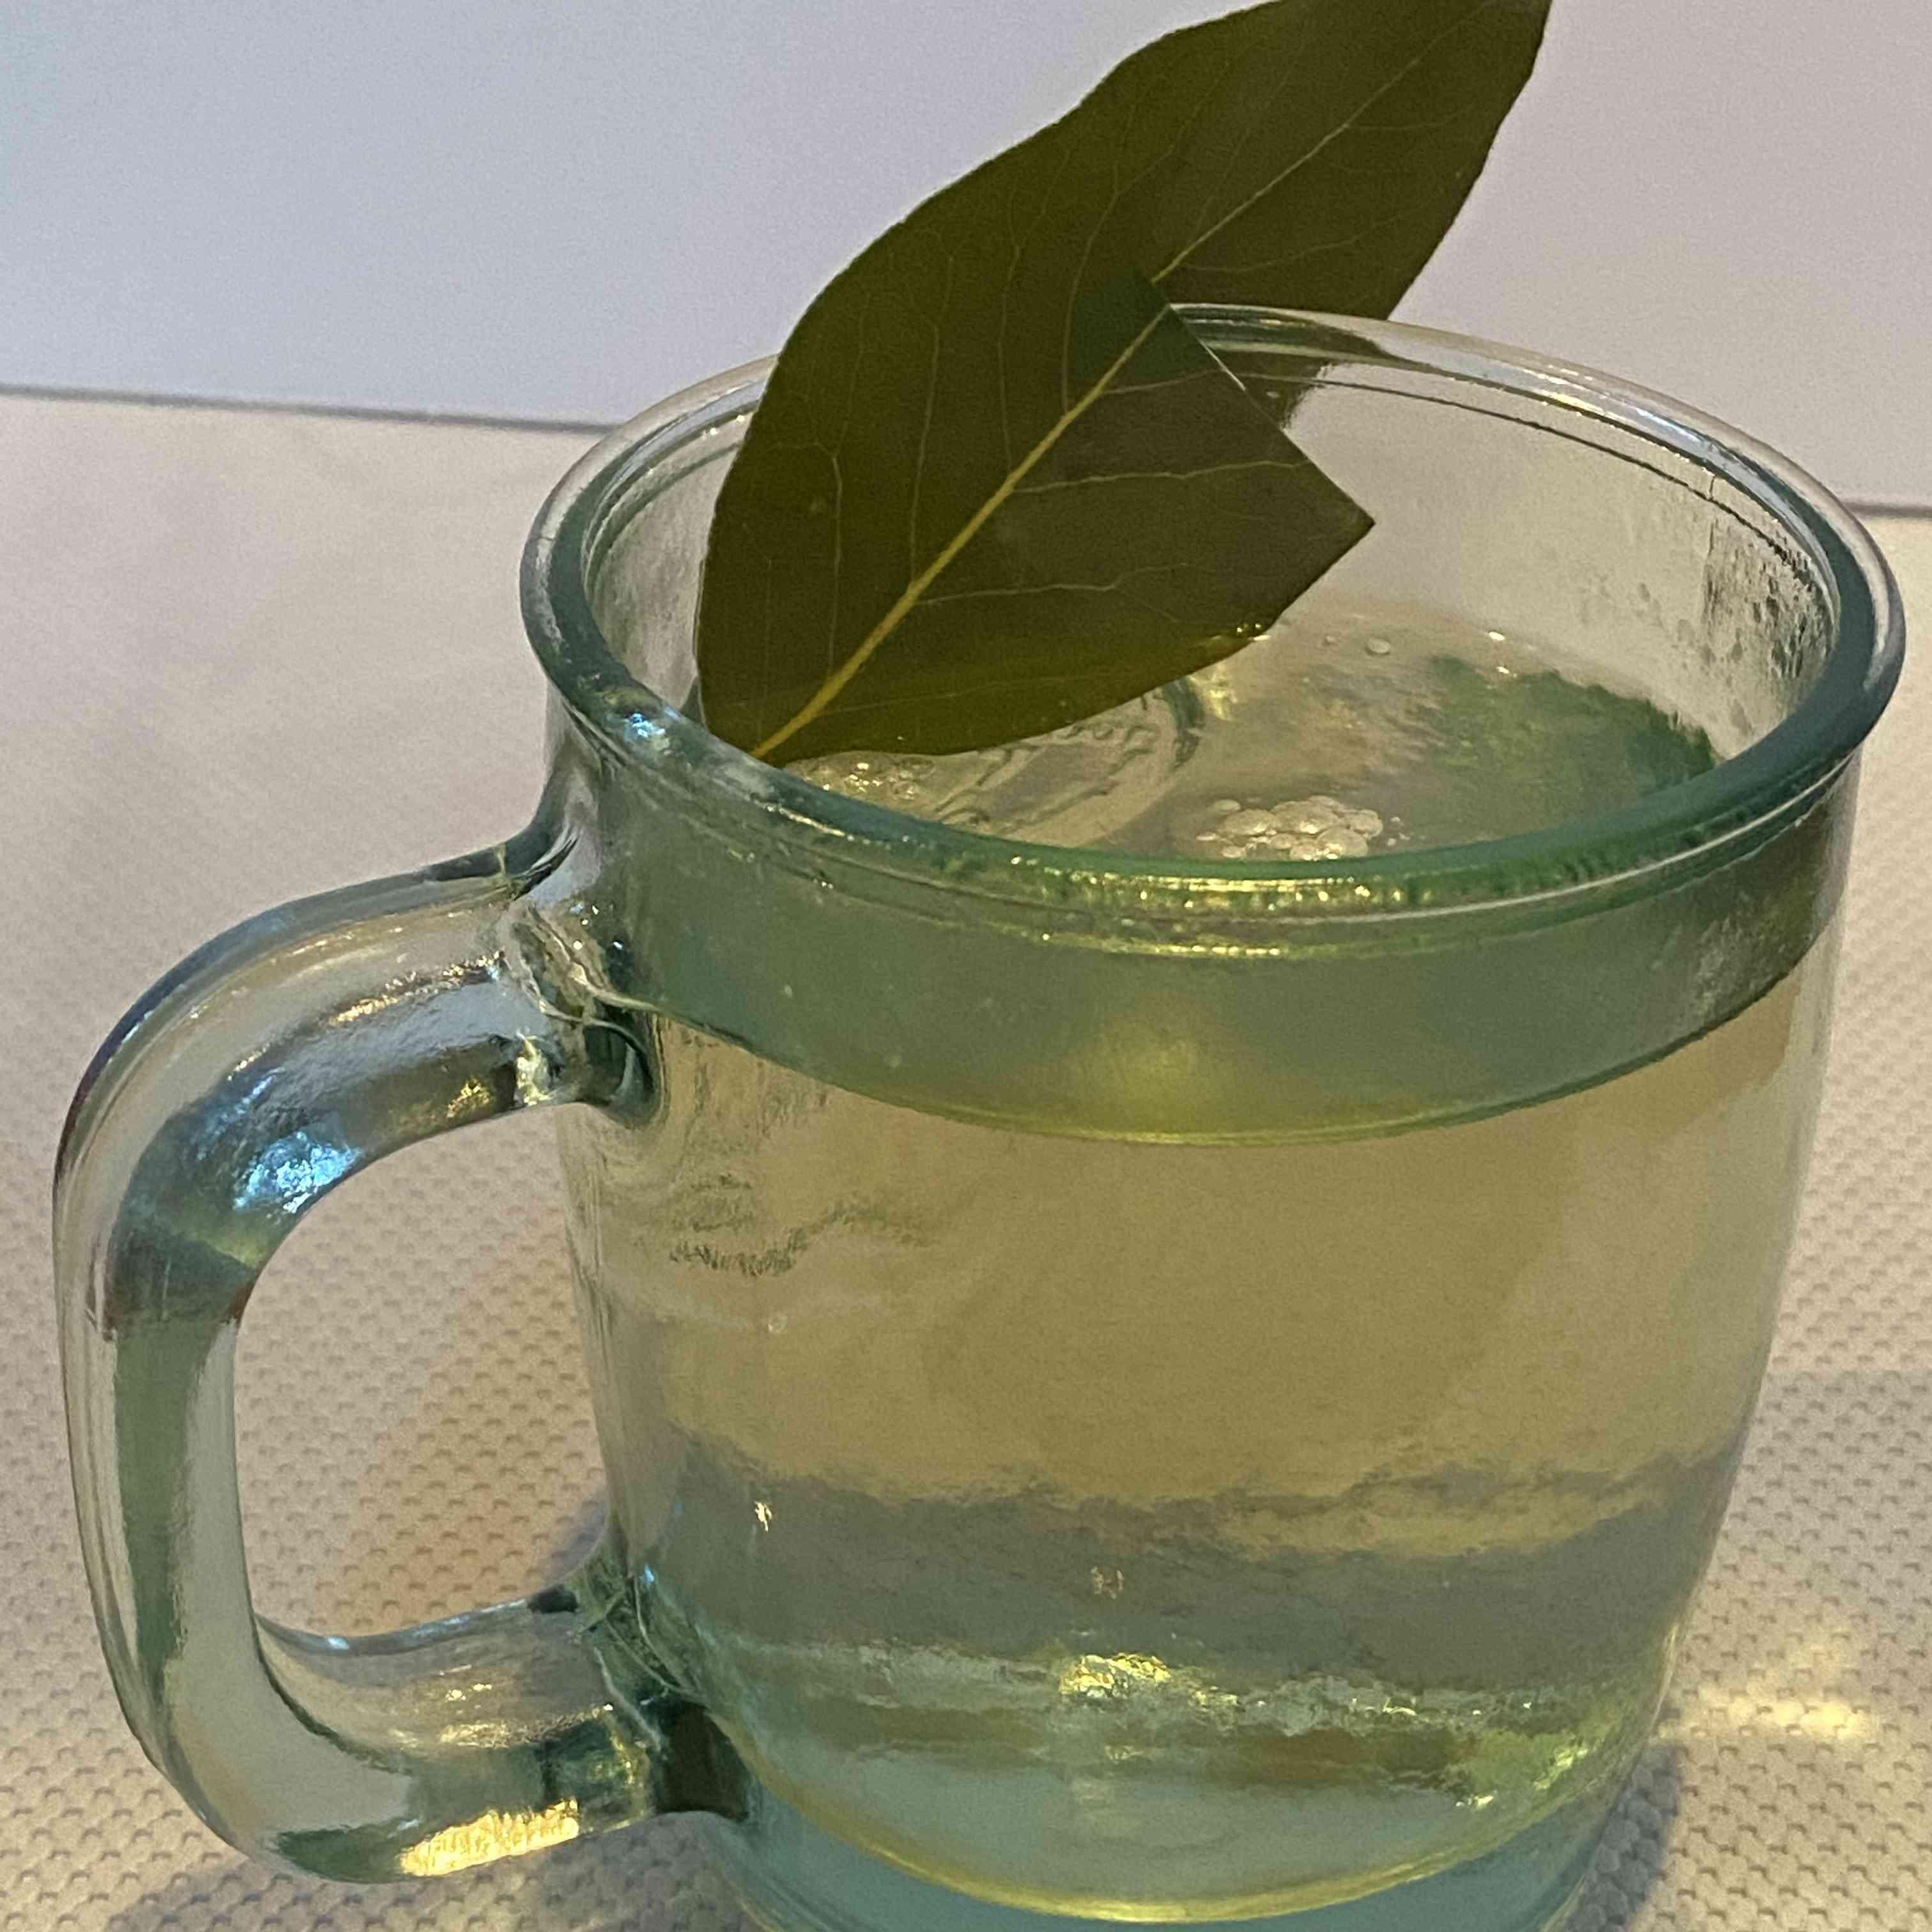 West Indian Bay Leaf Tea Test Image